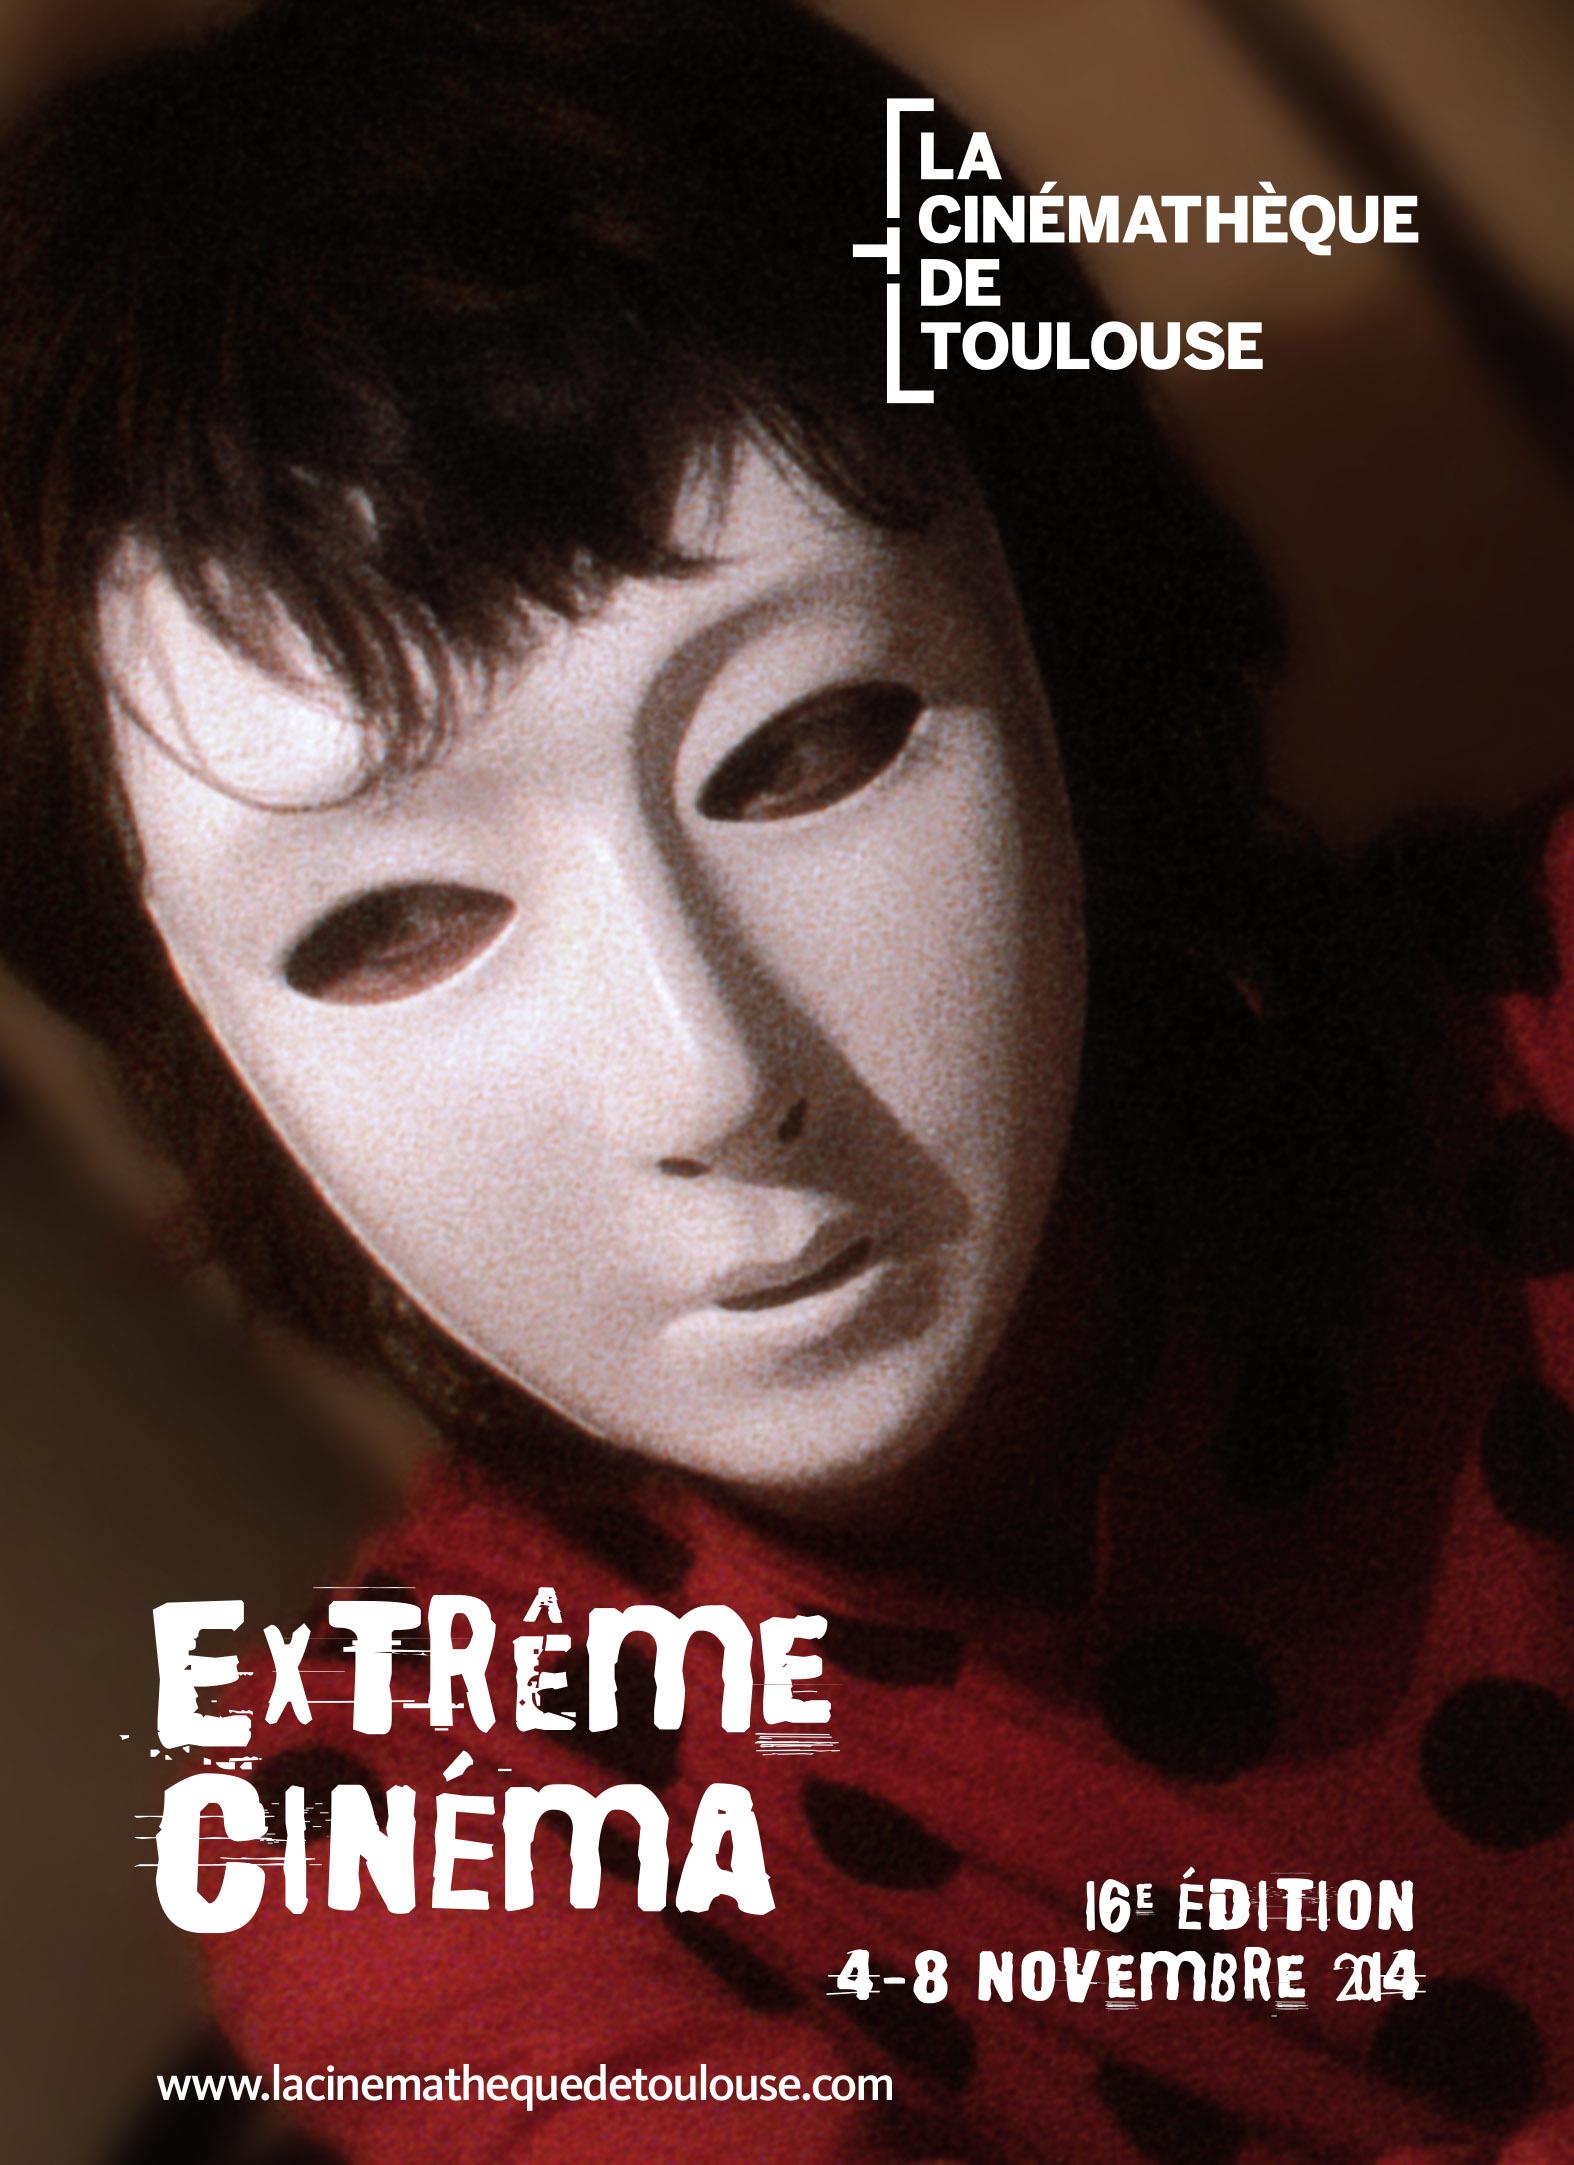 Midi-Minuit Fantastique soirées au festival Extrême Cinéma de Toulouse